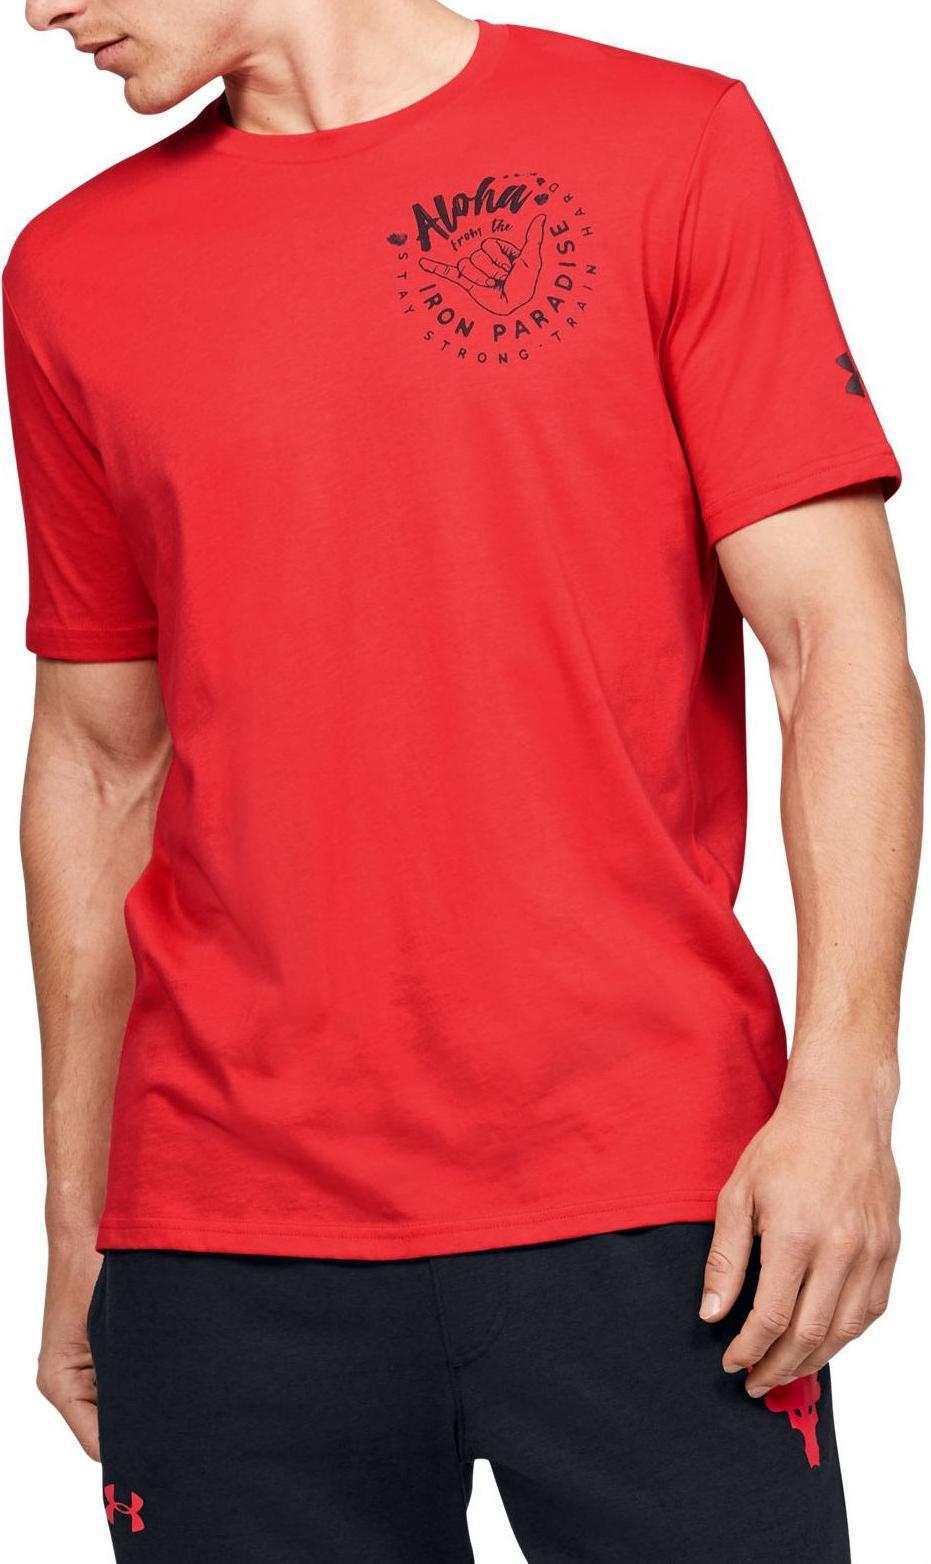 navegación hacer los deberes Premisa  Camiseta Under Armour Project Rock Iron Paradise SS - Top4Fitness.es